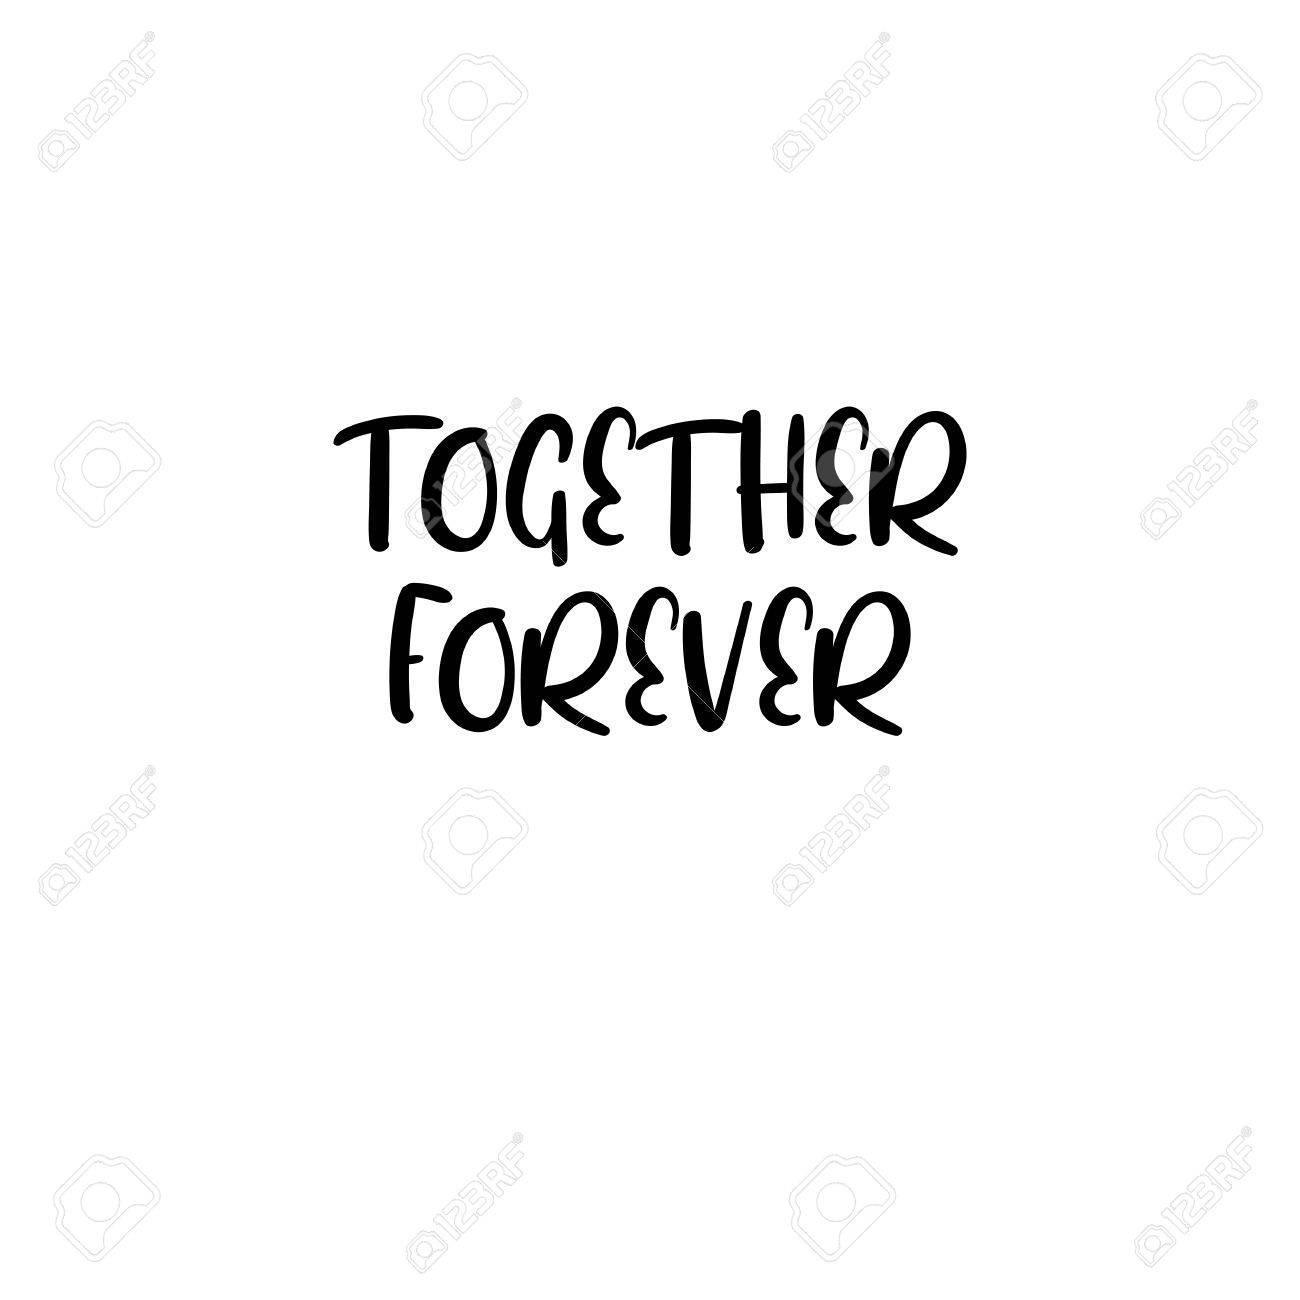 Juntos Para Siempre Texto Manuscrito Inscripcin De Caligrafa Para